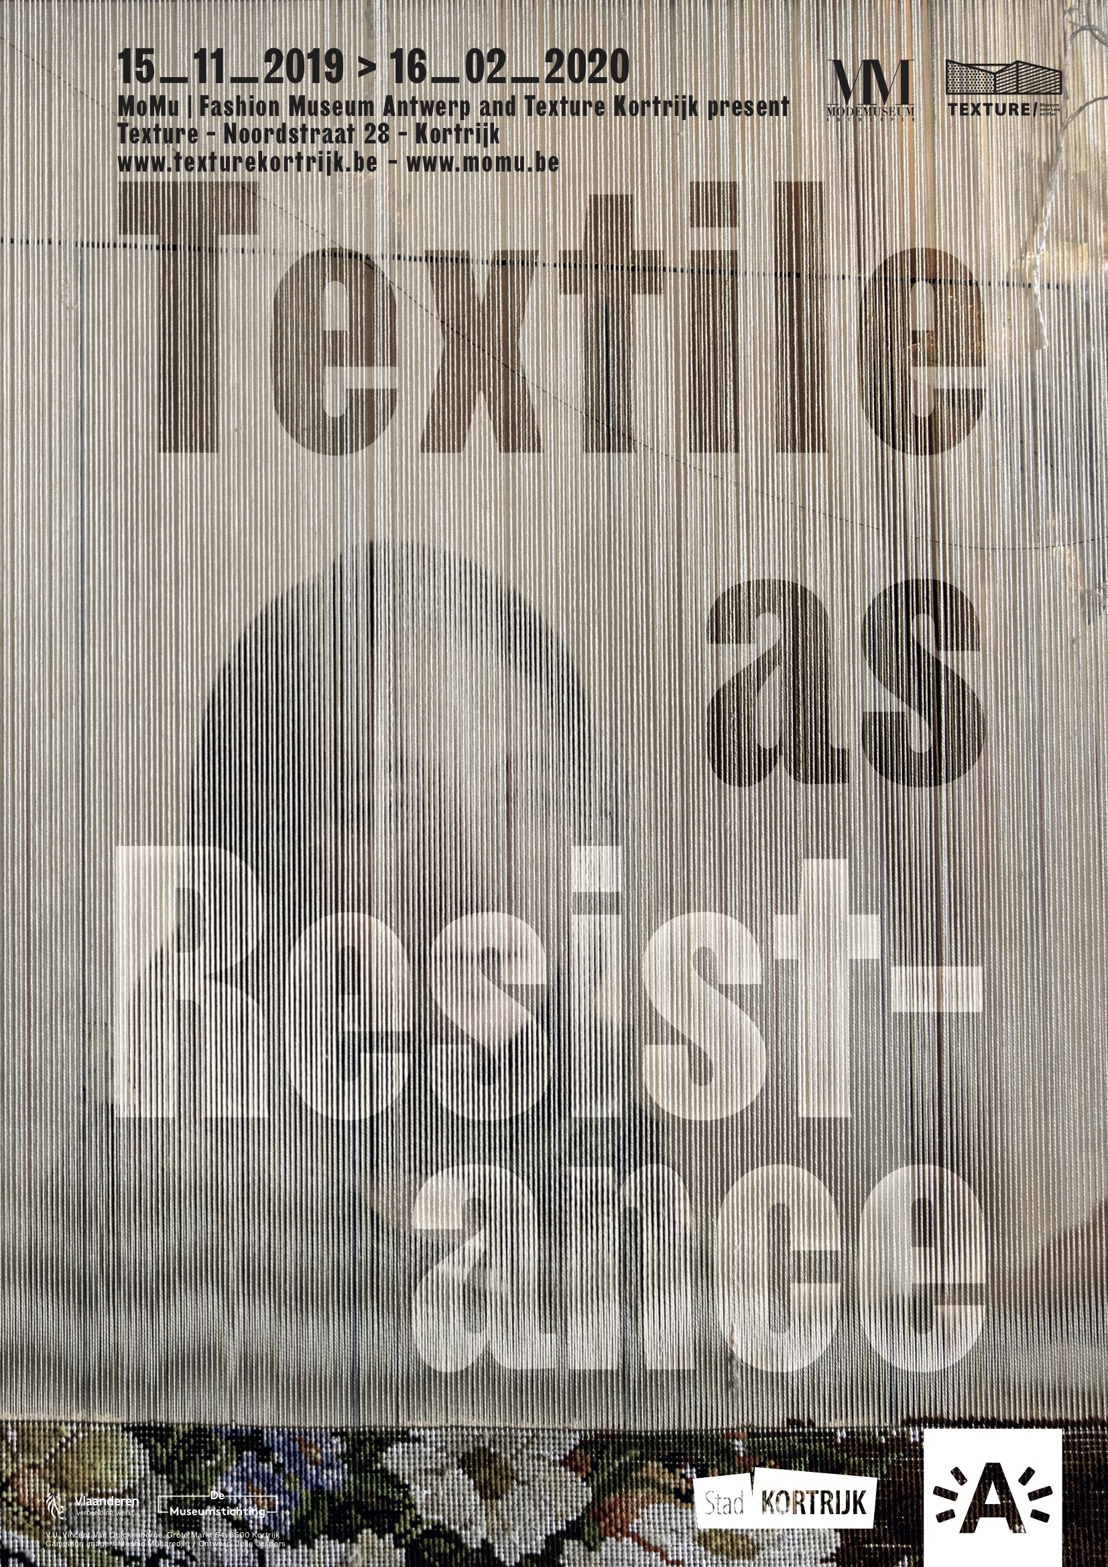 MoMu et Texture Kortrijk présentent 'Textile comme résistance'